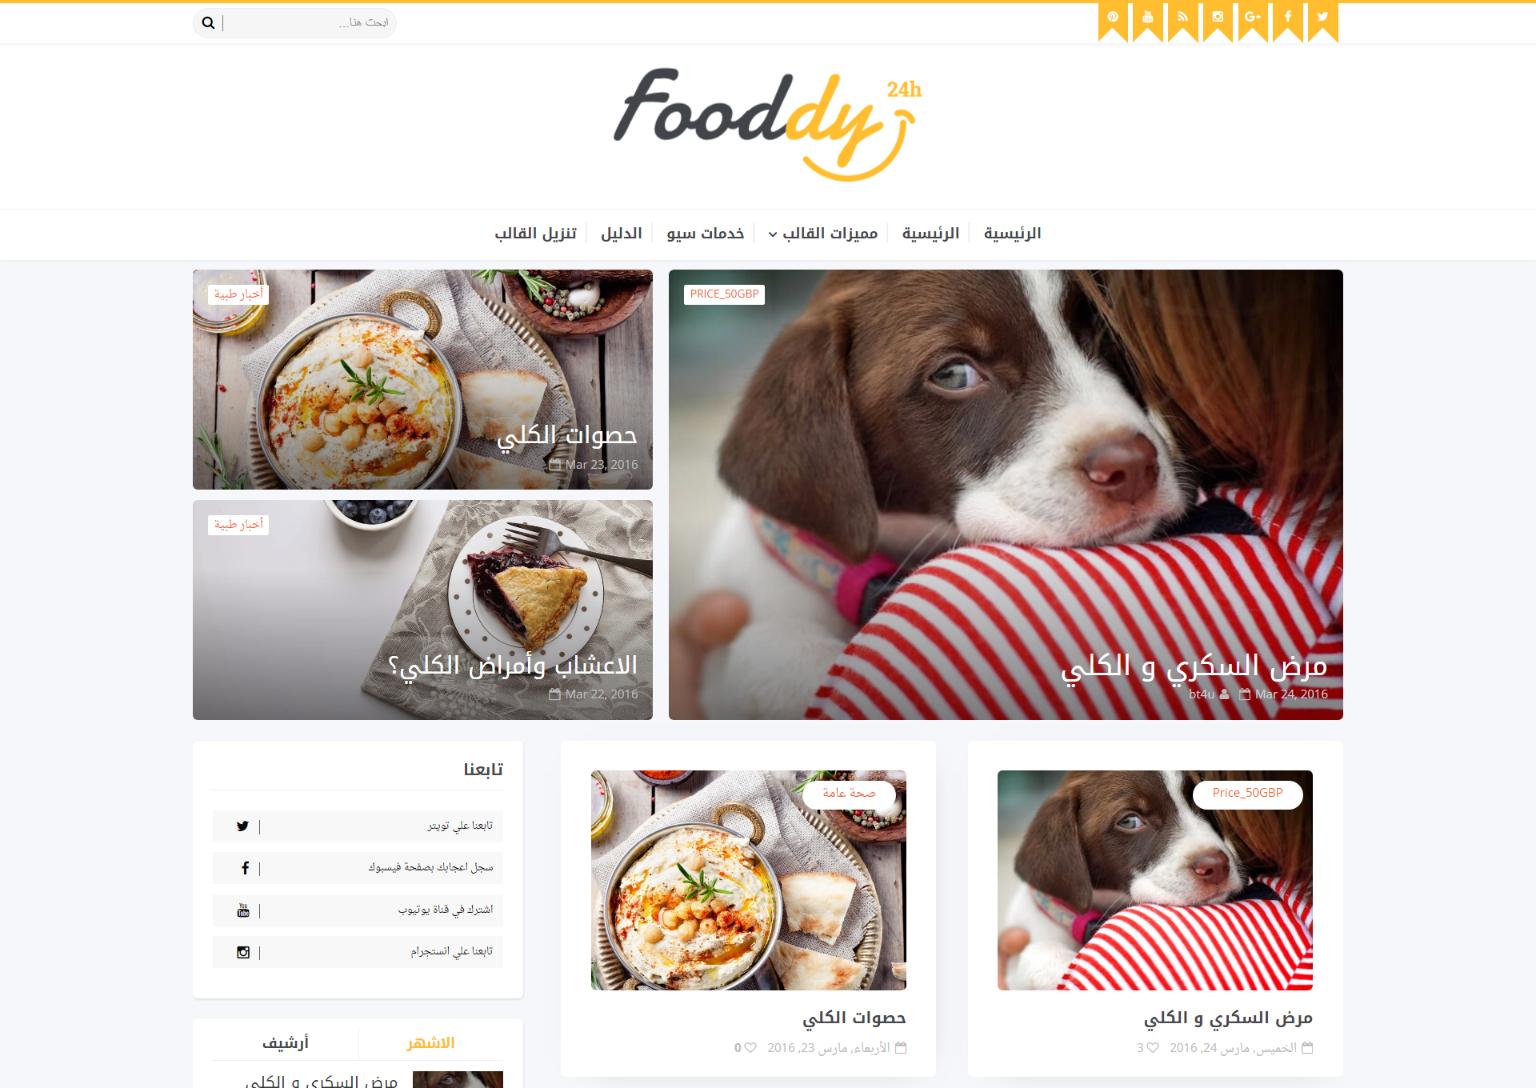 لمدونات البلوجر Fooddy قالب